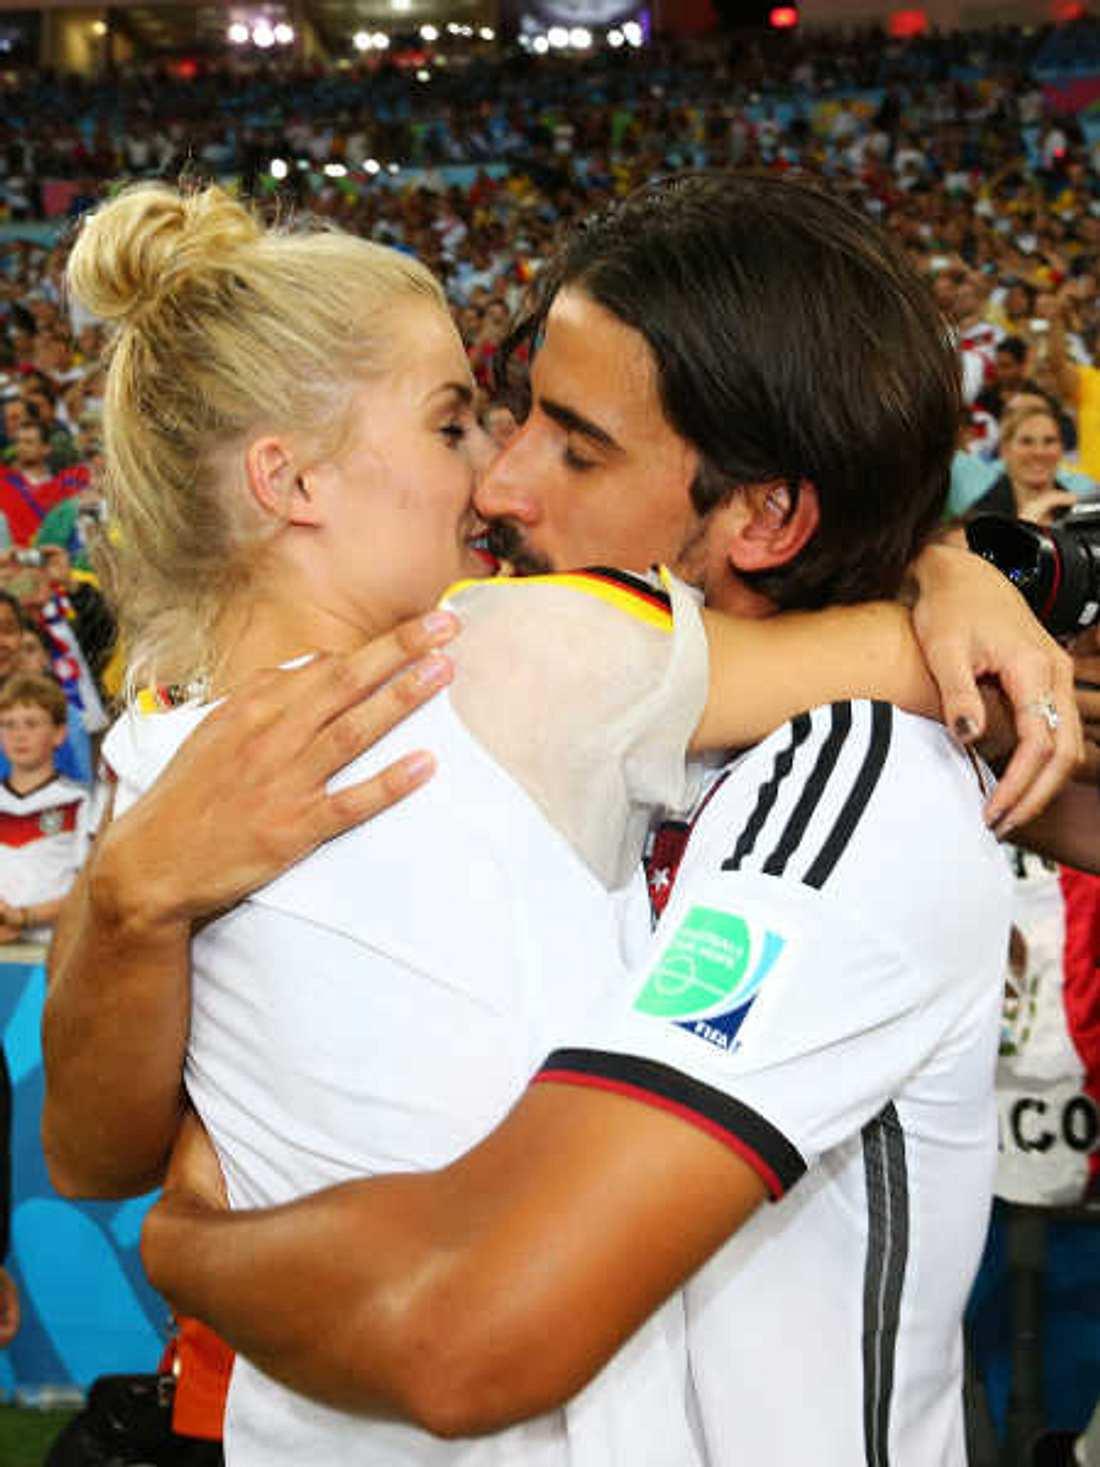 Lena Gercke küsst ihren Weltmeister Sami Khedira.